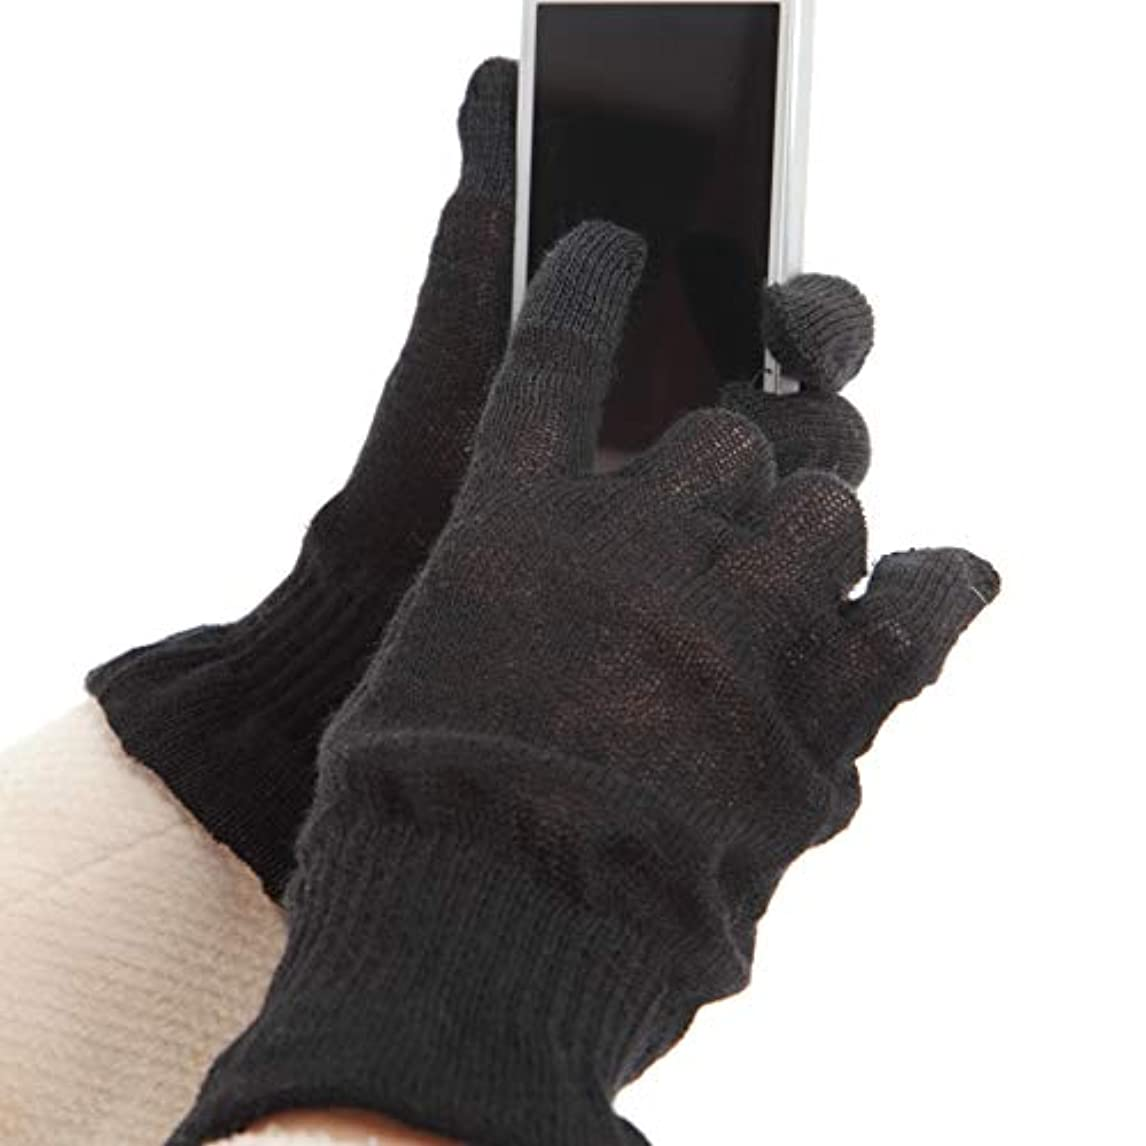 レモン襟レンディション麻福 ヘンプ おやすみ 手袋 スマホ対応 男性用 L 黒 (ブラック) 天然 ヘンプ素材 (麻) タッチパネル スマートフォン対応 肌に優しい 乾燥対策